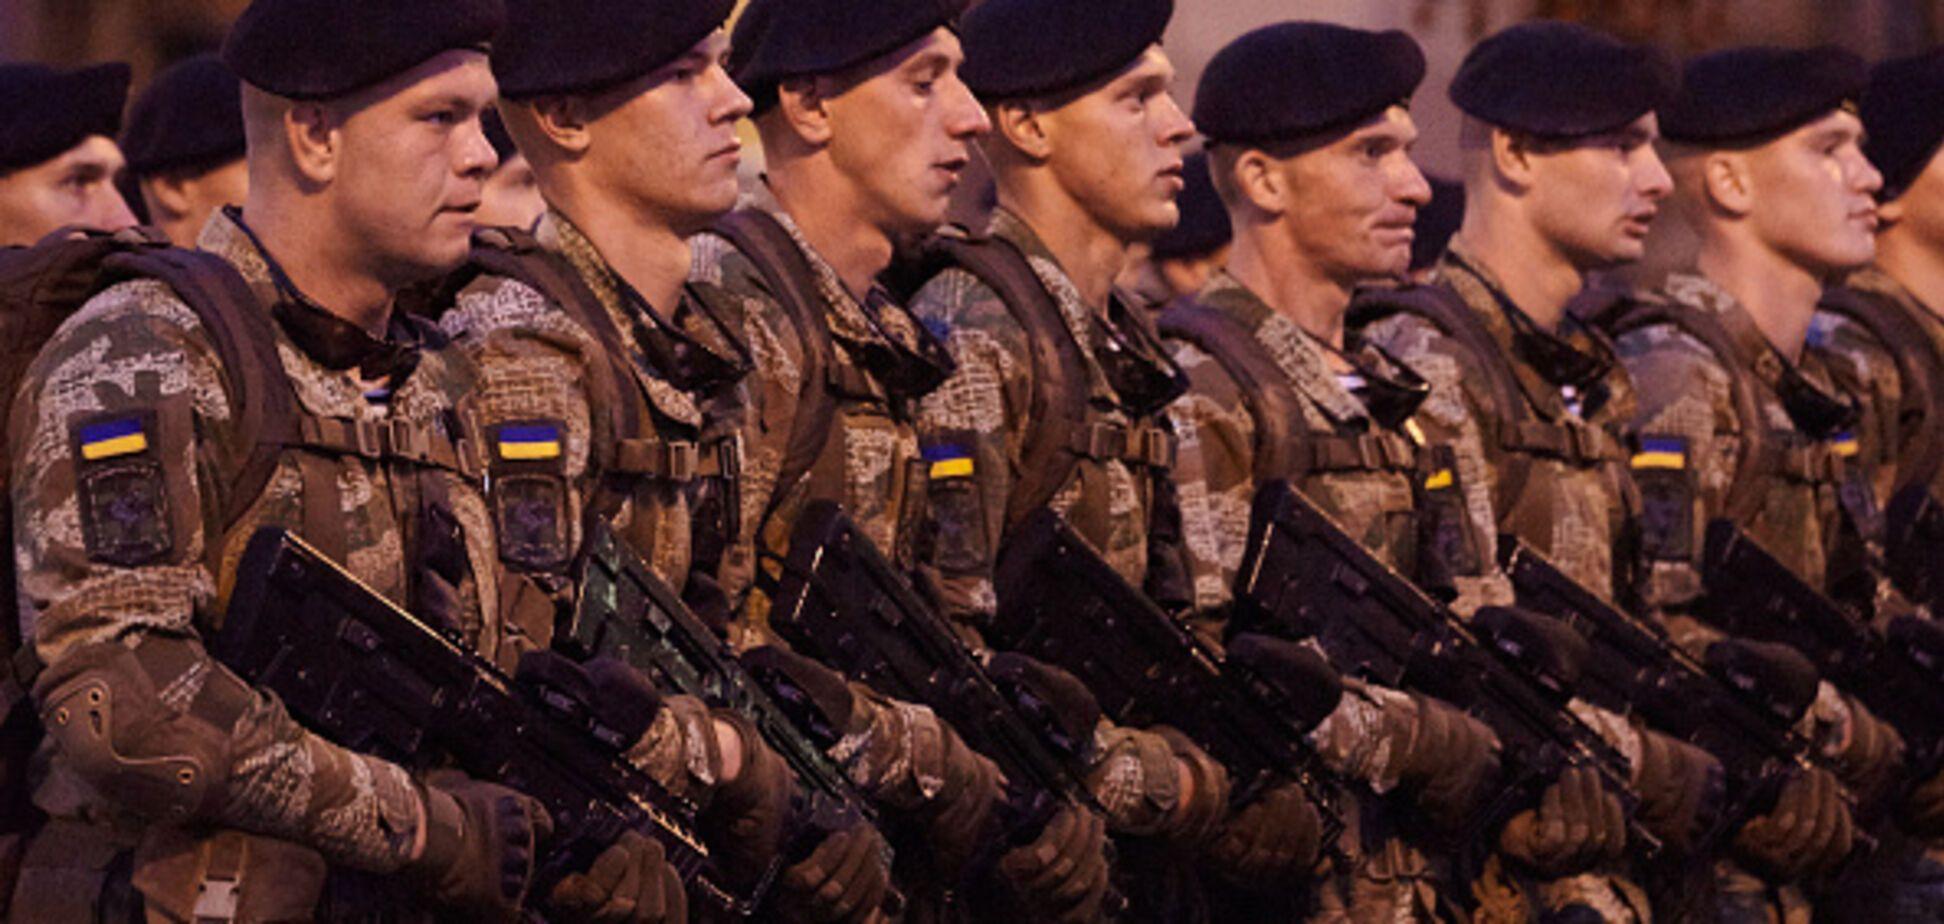 Пока никто не рискнет: глава Пентагона предупредил врагов Украины